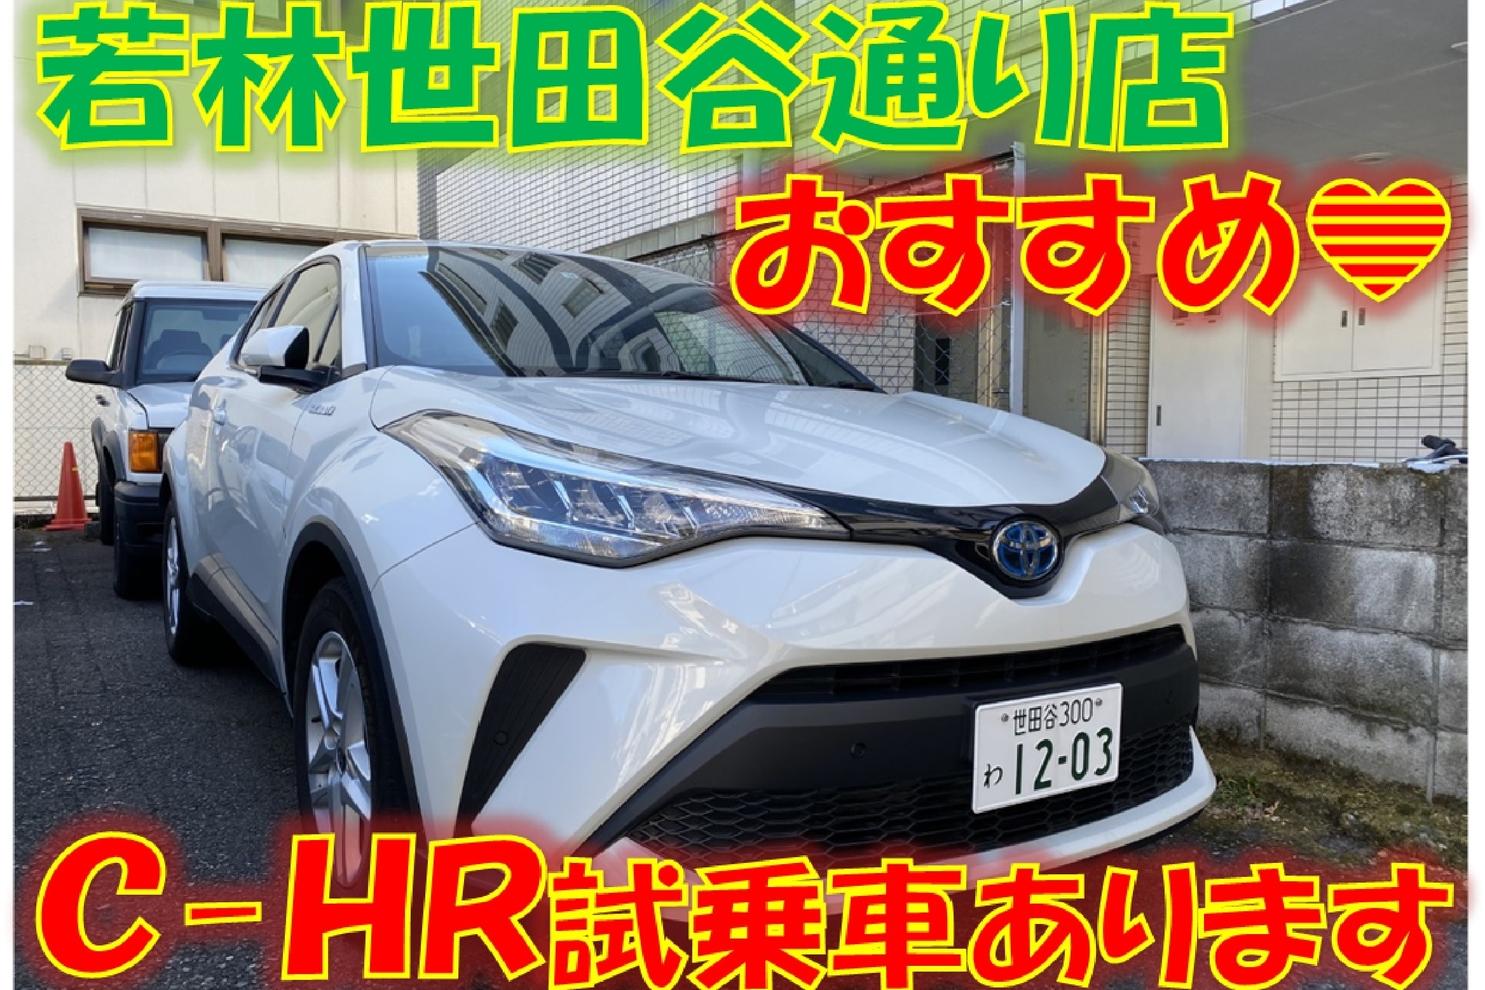 若林世田谷通り店C-HR